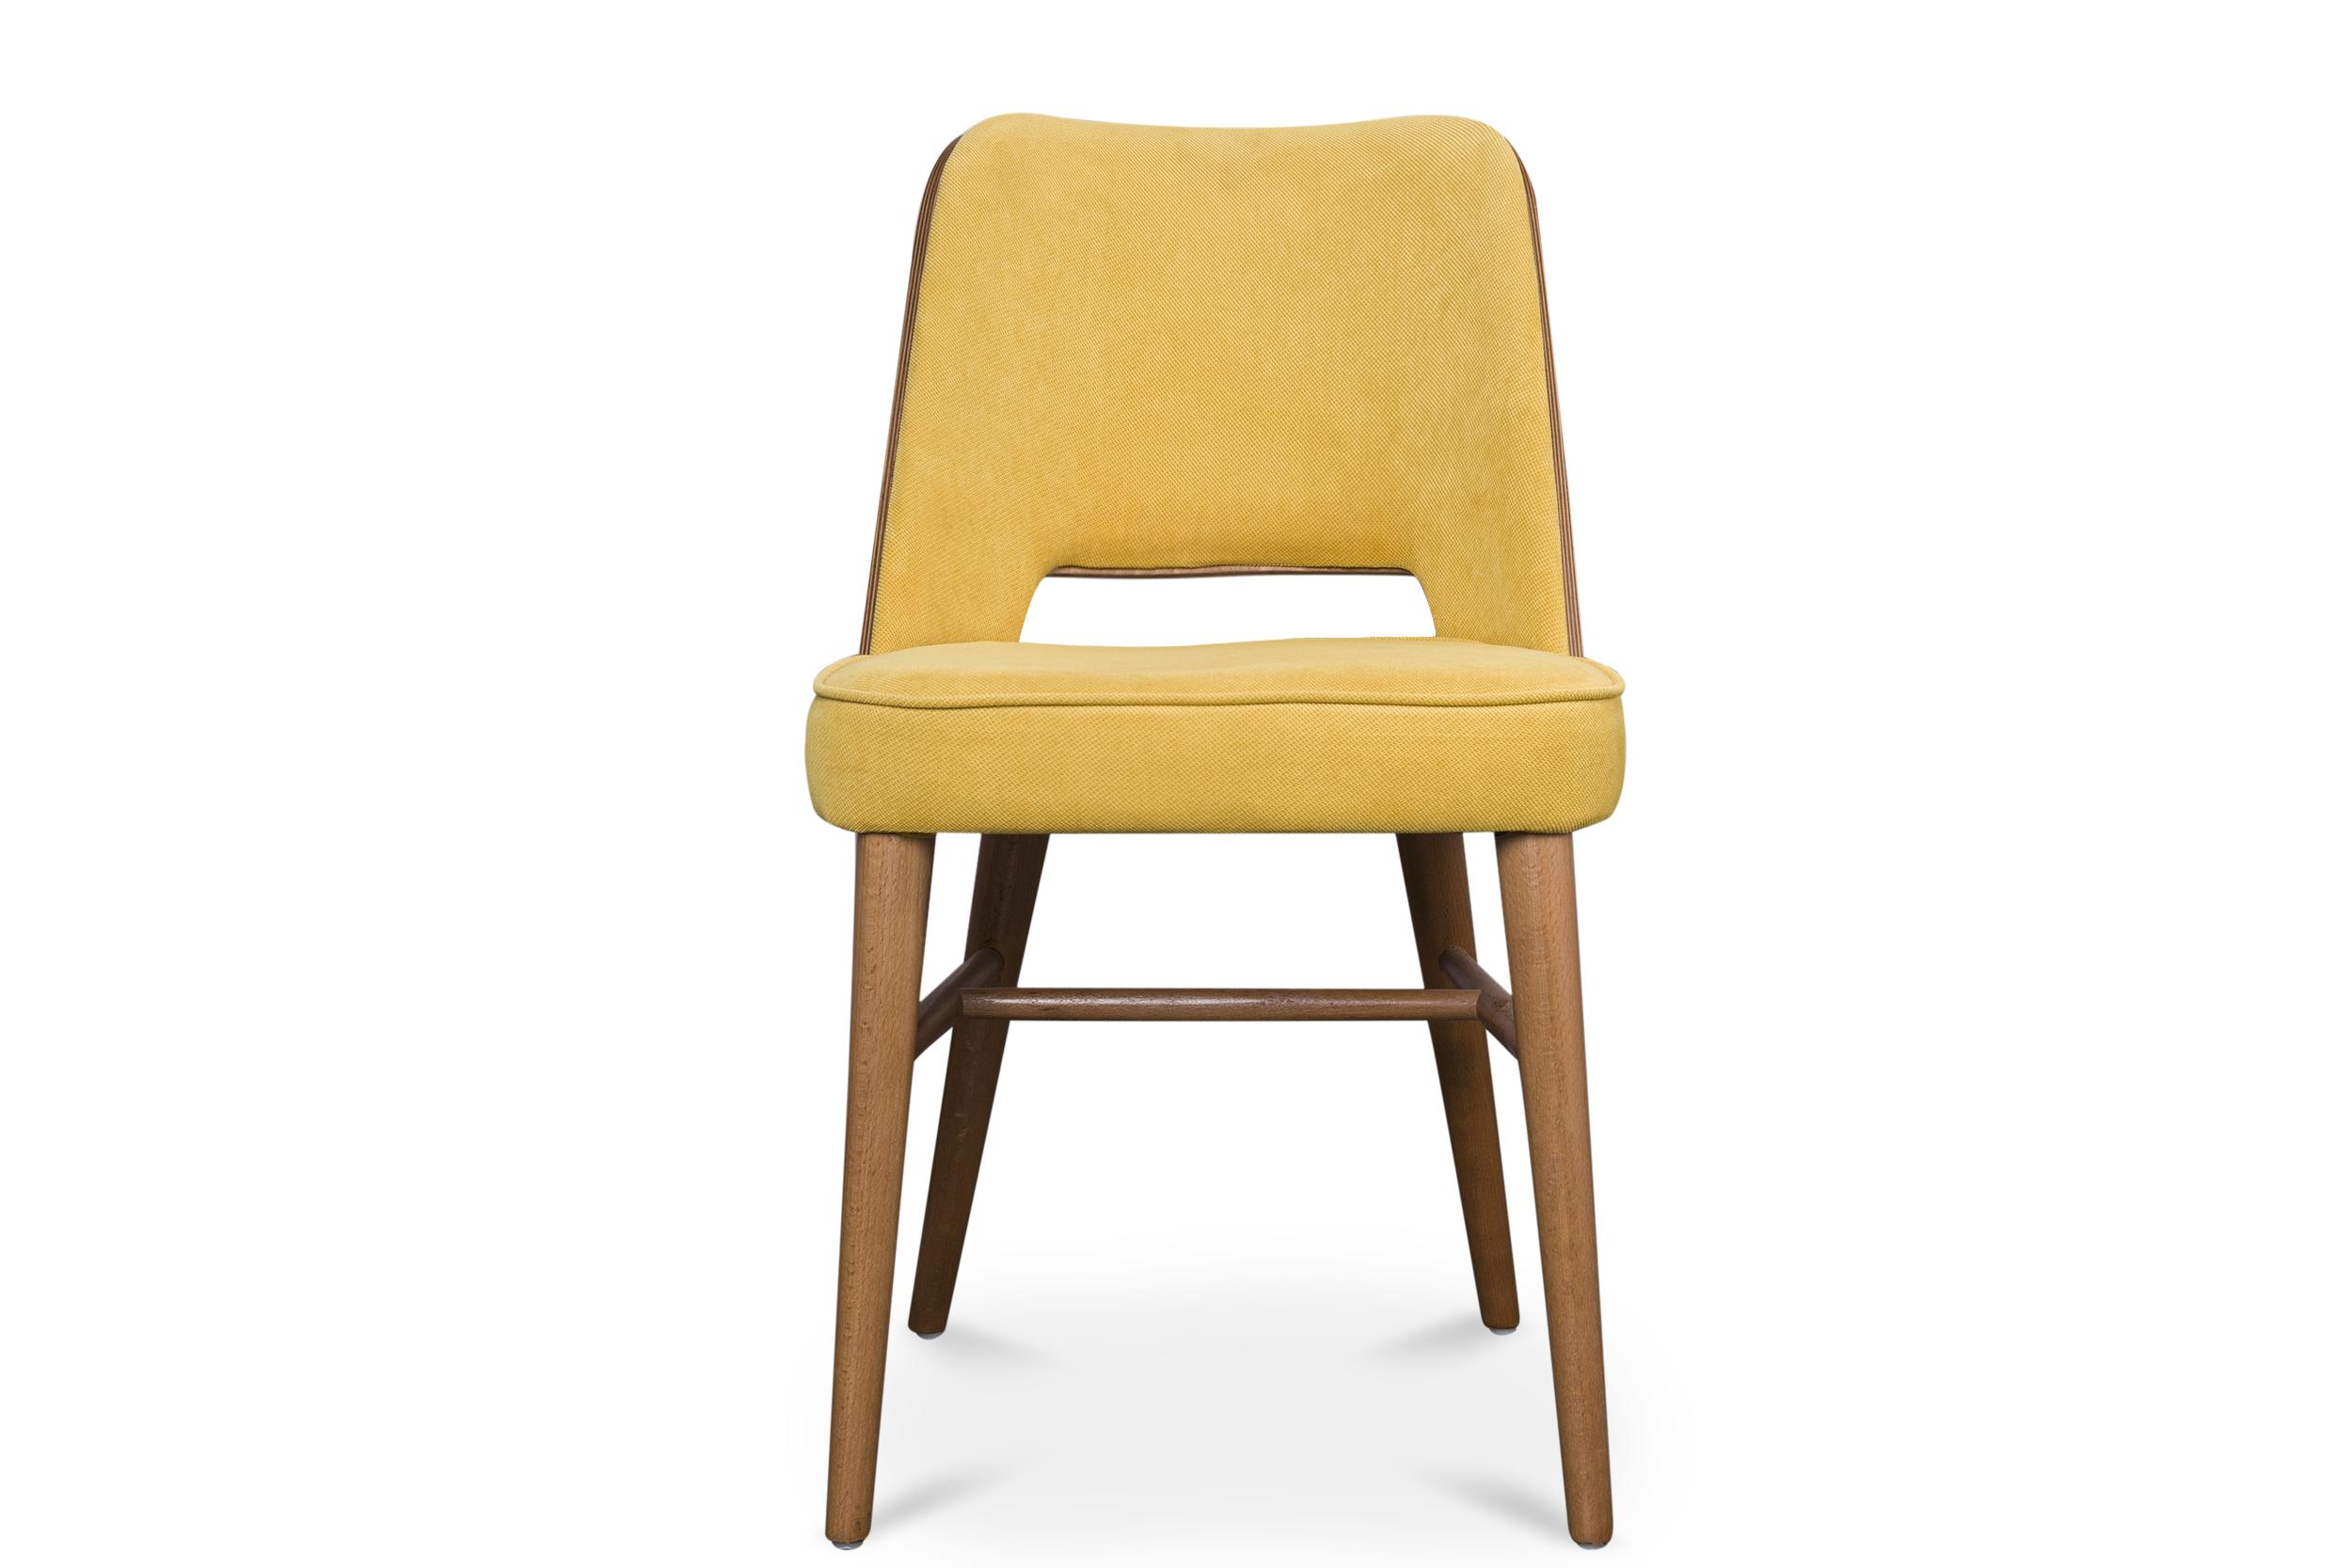 Стул AkselОбеденные стулья<br>Aksel взял лучшее из двух миров: крепкие материалы и выразительный дизайн в стиле &amp;quot;hygge&amp;quot;.&amp;lt;div&amp;gt;Гладкий проем между мягким сидением и усиленной спинкой добавляет необходимый штрих традиционной форме, &amp;amp;nbsp;а выносливая обивка и ореховый каркас сослужат вам хорошую службу,&amp;lt;div&amp;gt;&amp;lt;div&amp;gt;&amp;lt;br&amp;gt;&amp;lt;div&amp;gt;Высота сидения: 48 см.&amp;lt;/div&amp;gt;&amp;lt;/div&amp;gt;&amp;lt;/div&amp;gt;&amp;lt;/div&amp;gt;<br><br>Material: Текстиль<br>Ширина см: 46<br>Высота см: 82<br>Глубина см: 50